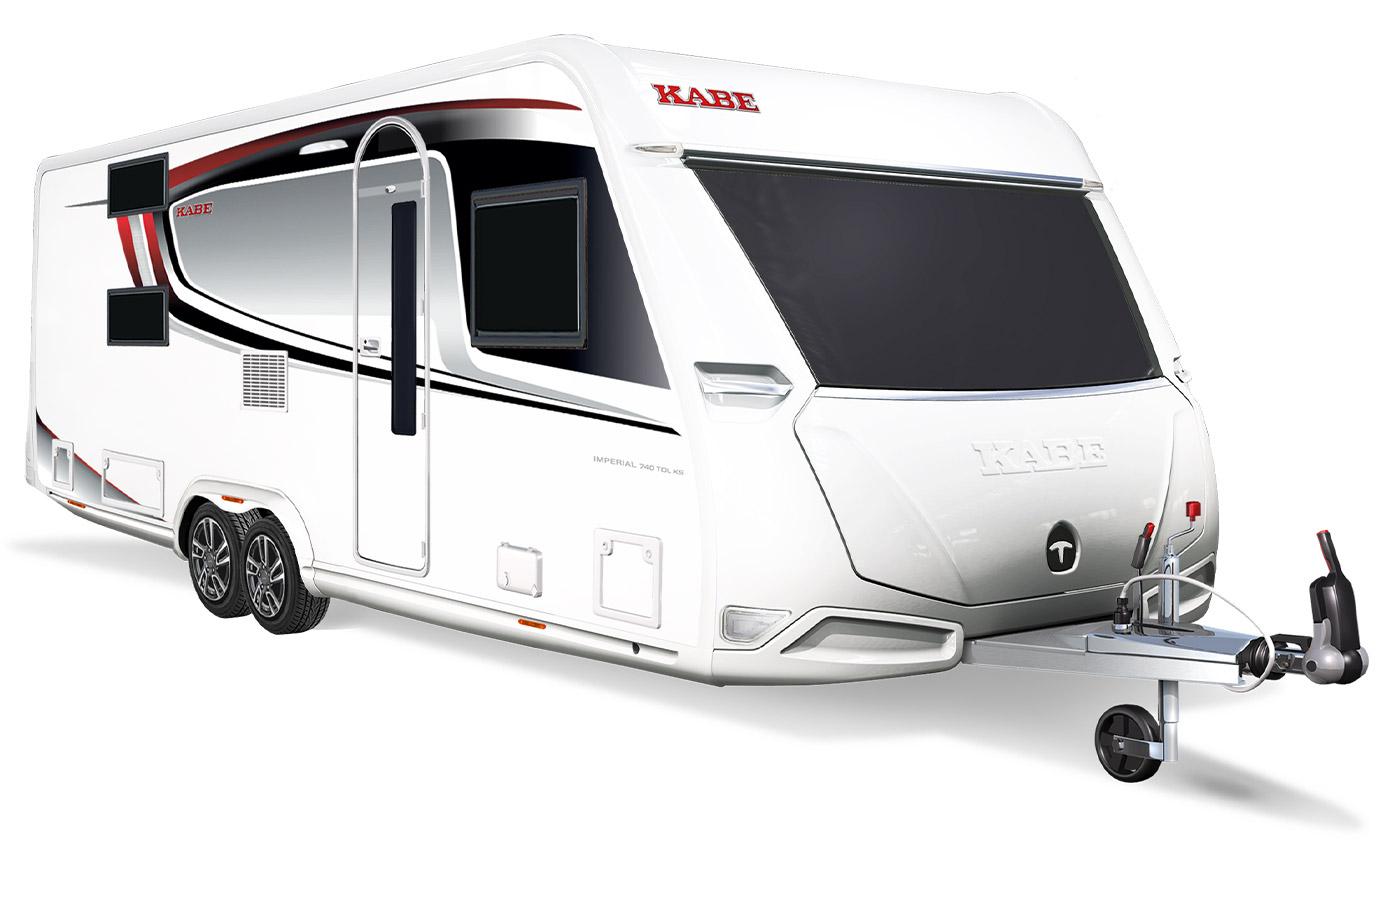 Kabe - Imperial 740 TDL